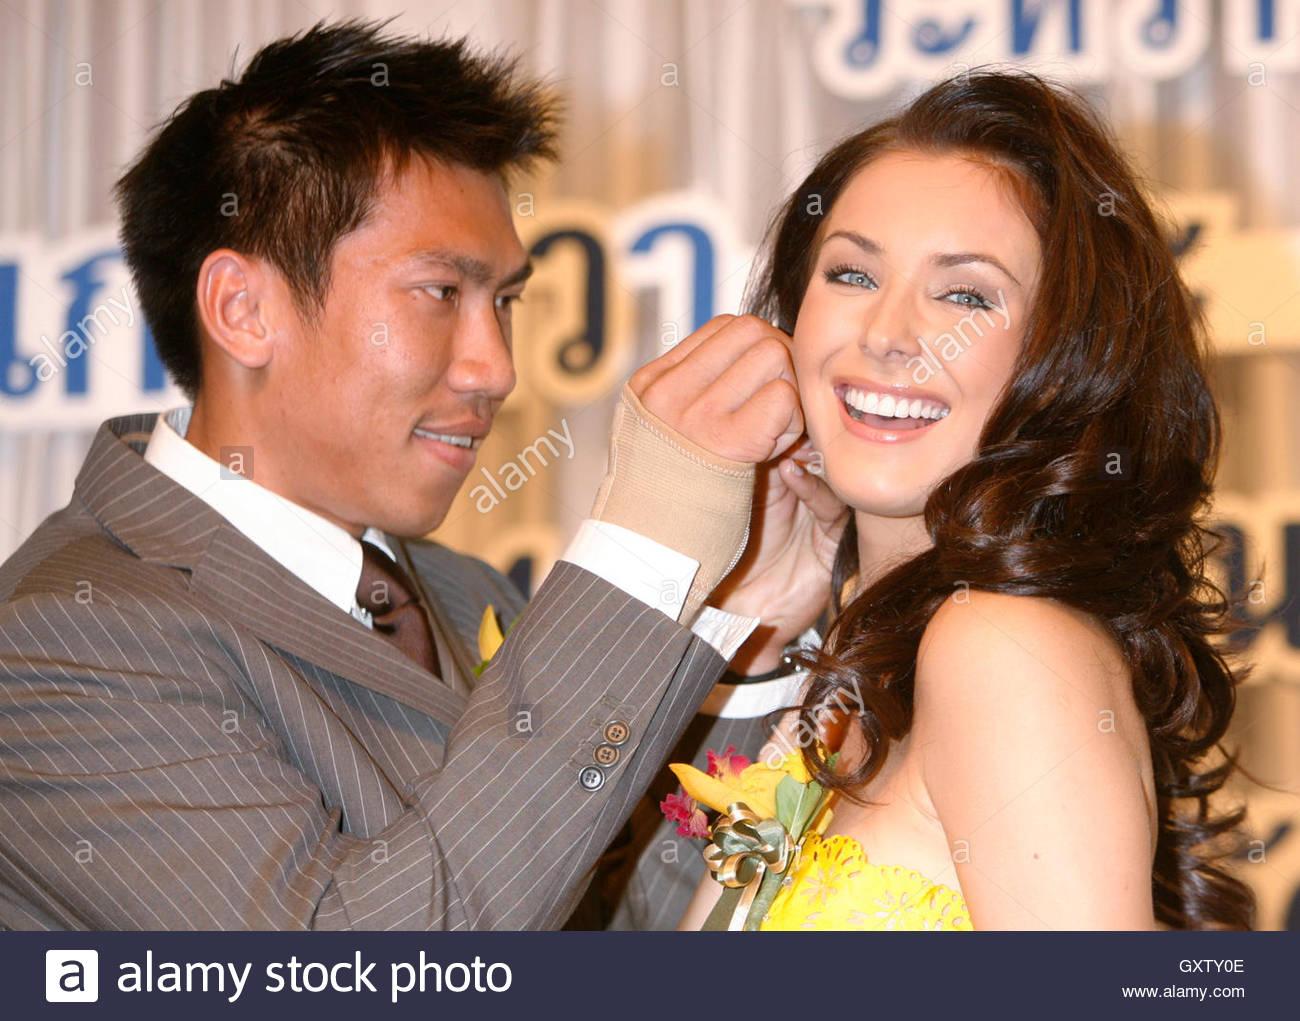 Operezhaya vystrel online dating